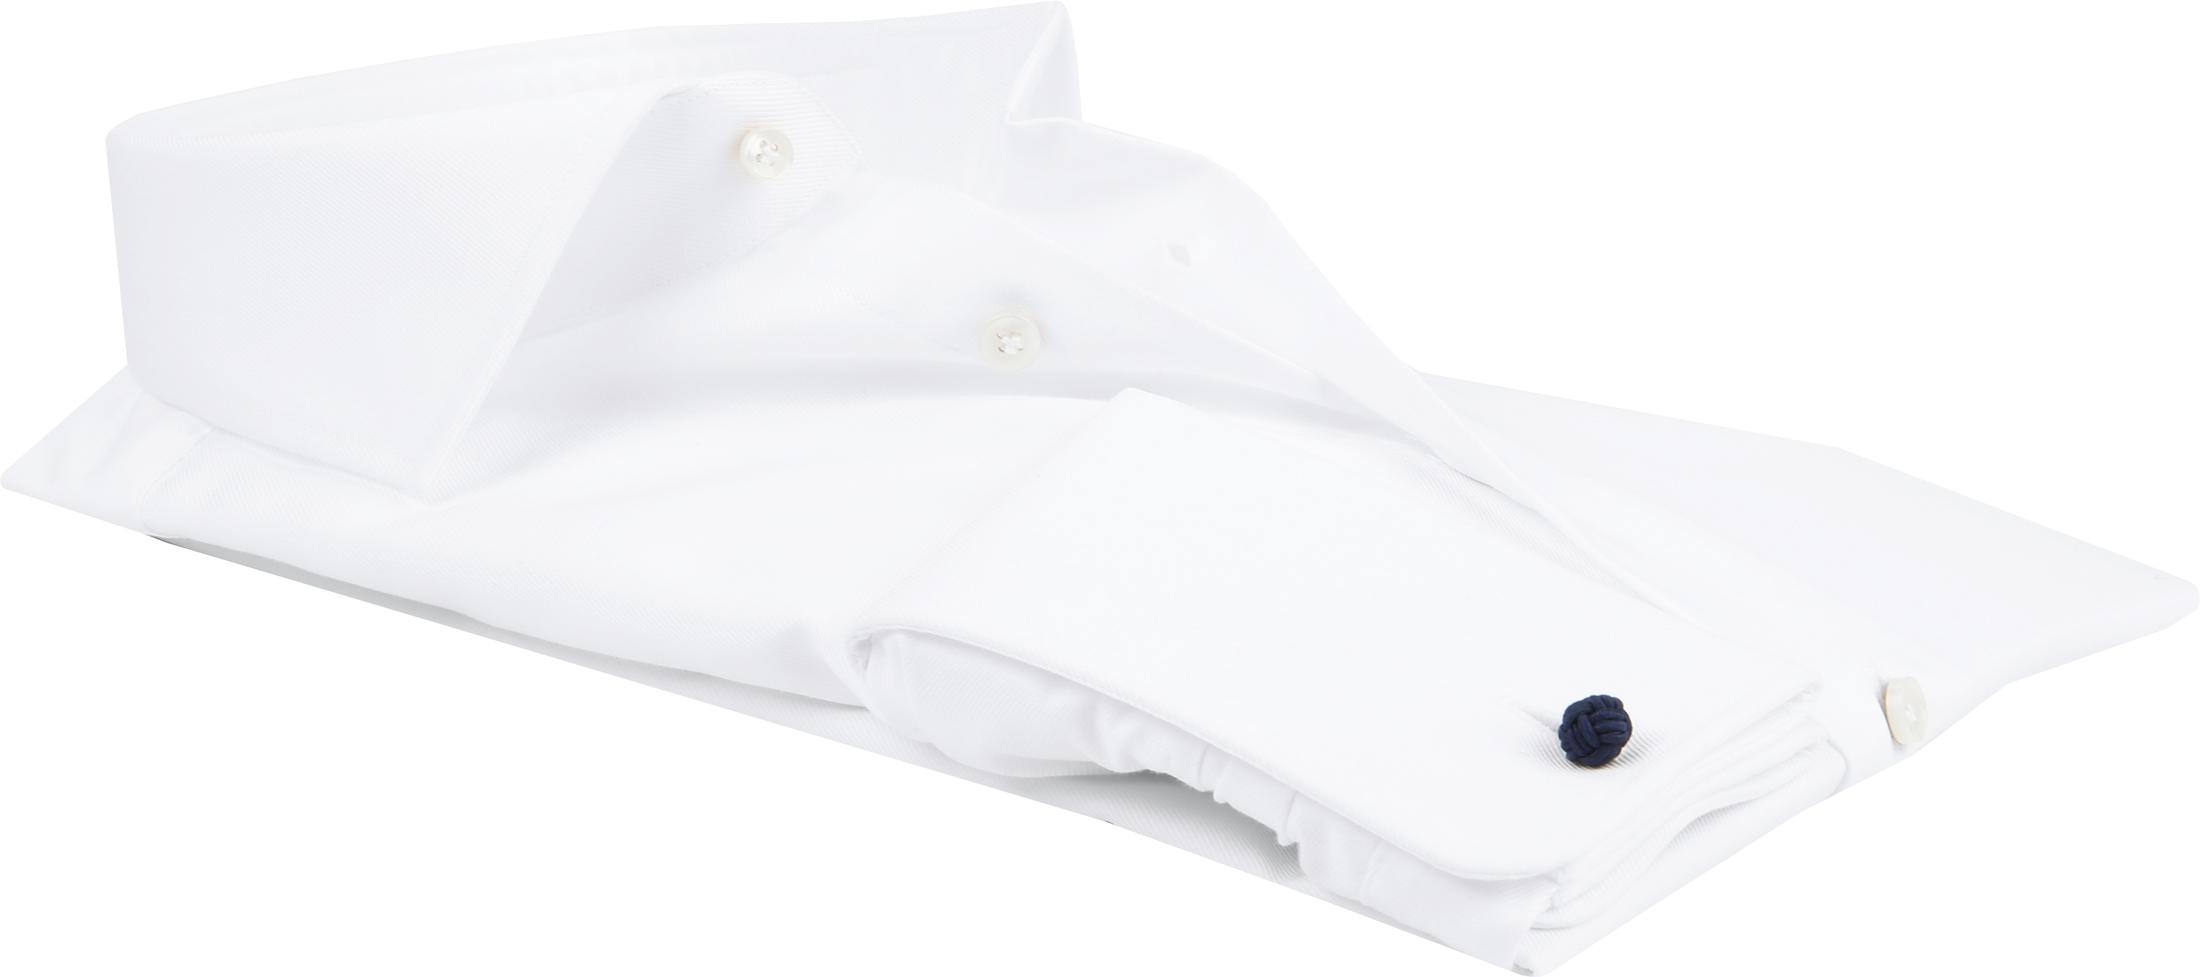 Profuomo Shirt Cutaway Doppel Manschette Weiß foto 3